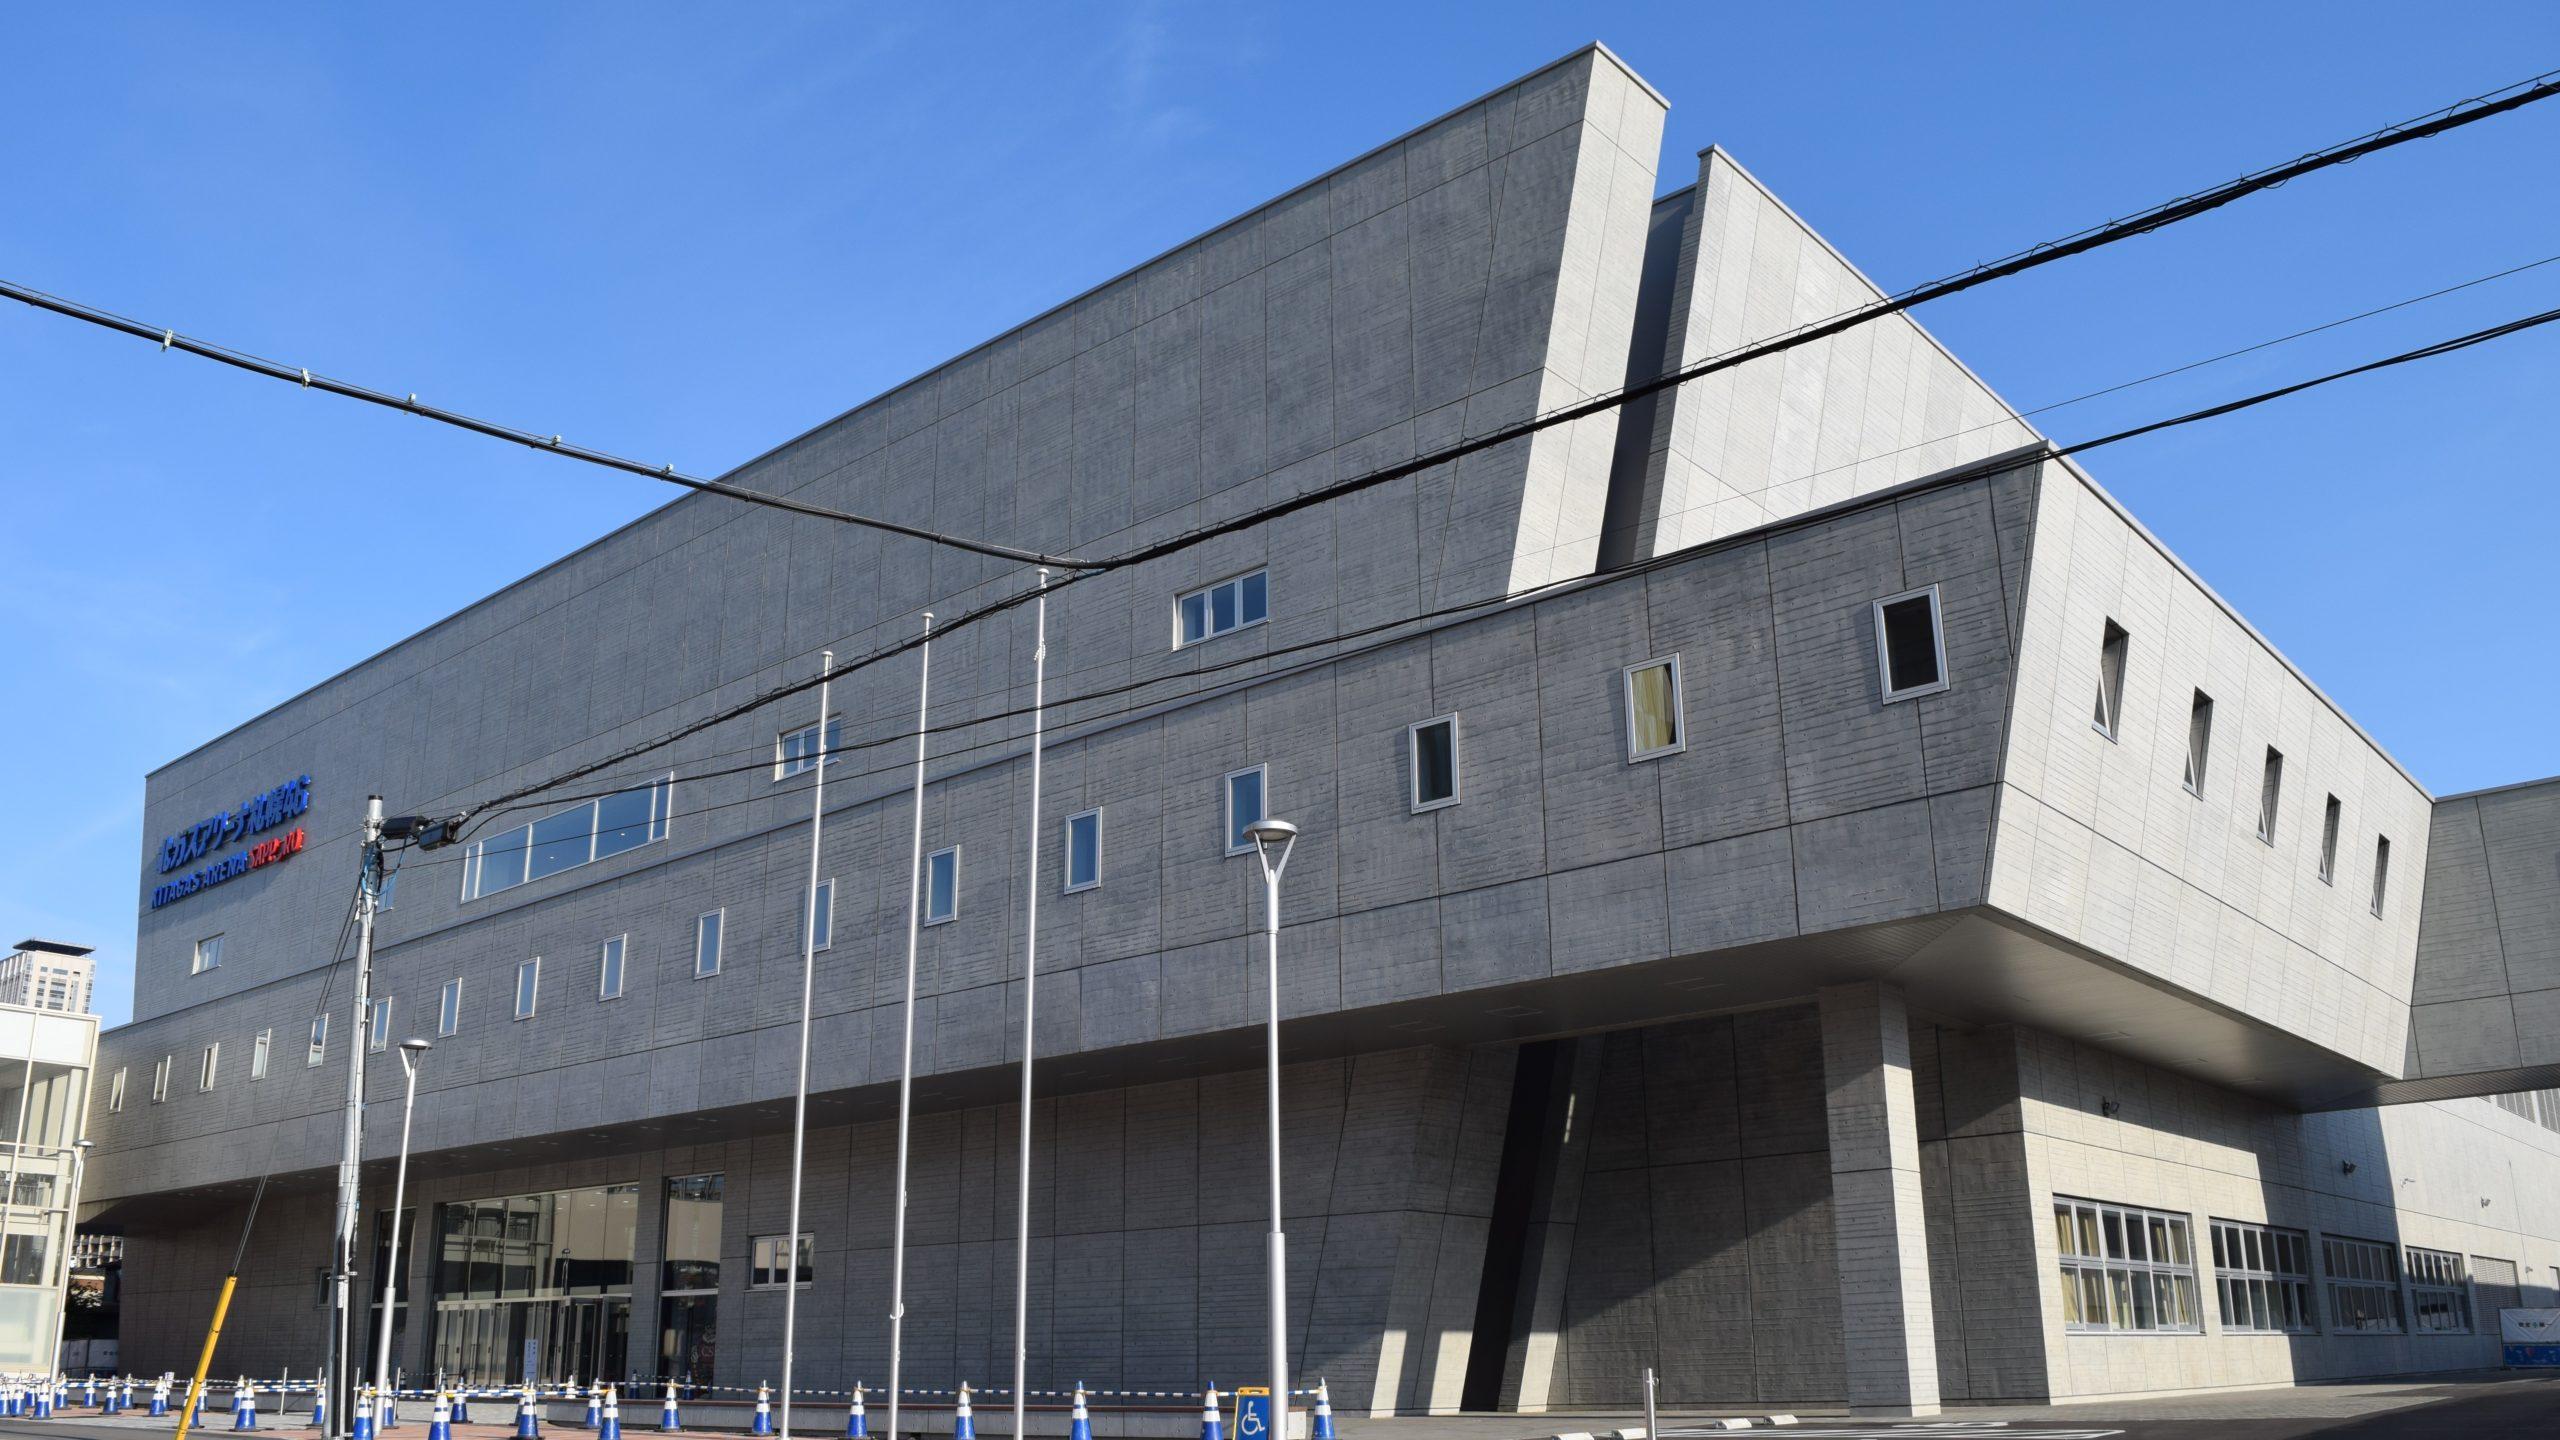 北ガスアリーナ札幌46(新中央体育館)の座席表・座席図